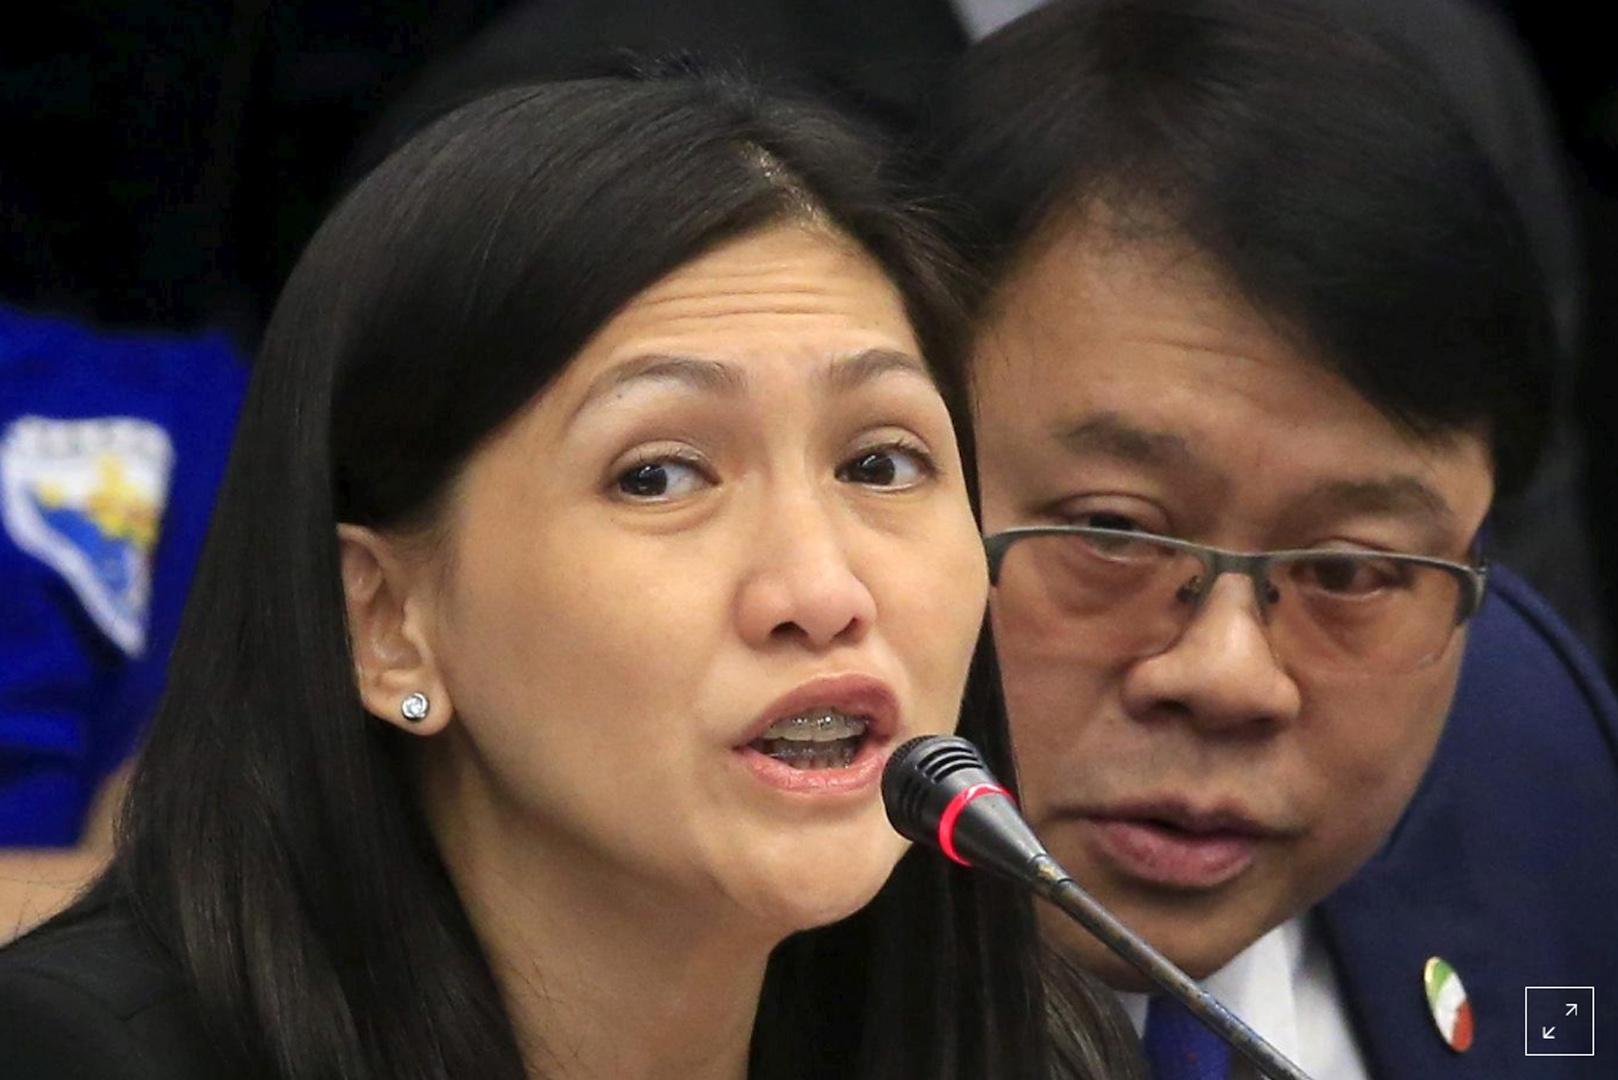 Cựu quản lý ngân hàng Philippines nhận án tù